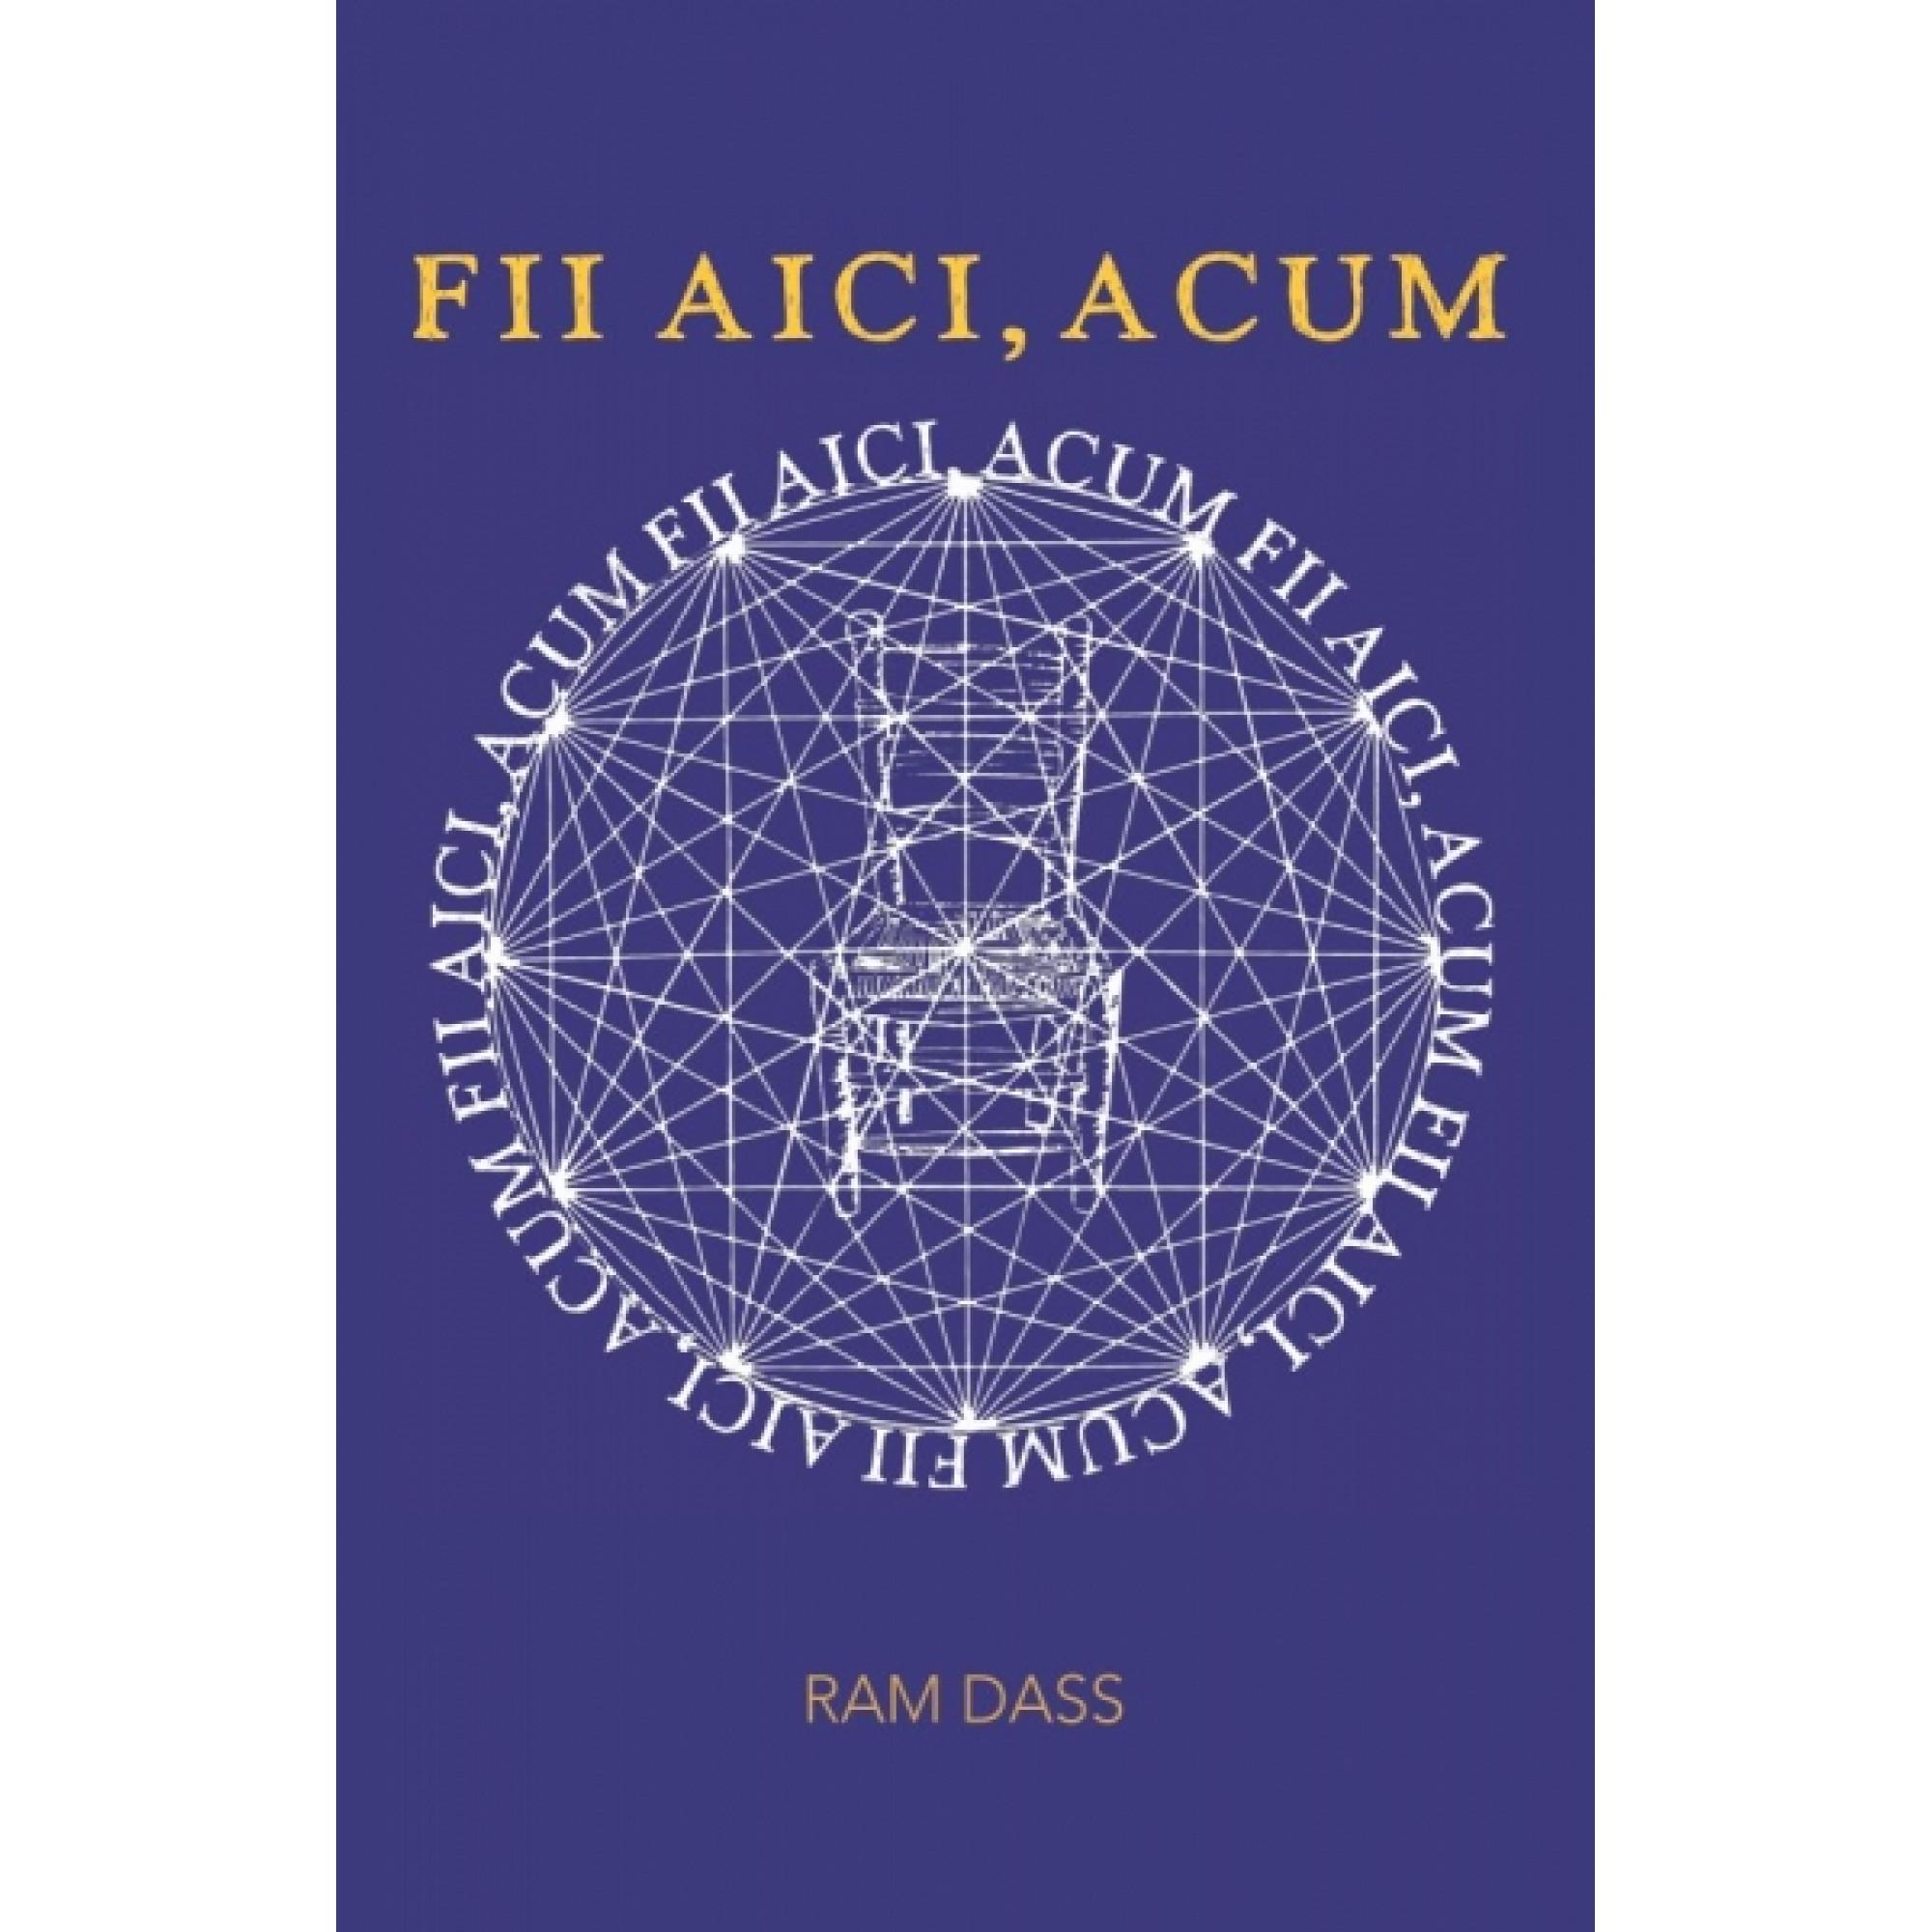 Fii aici, acum. Un manual pentru o viaţă trăită în mod conştient; Ram Dass